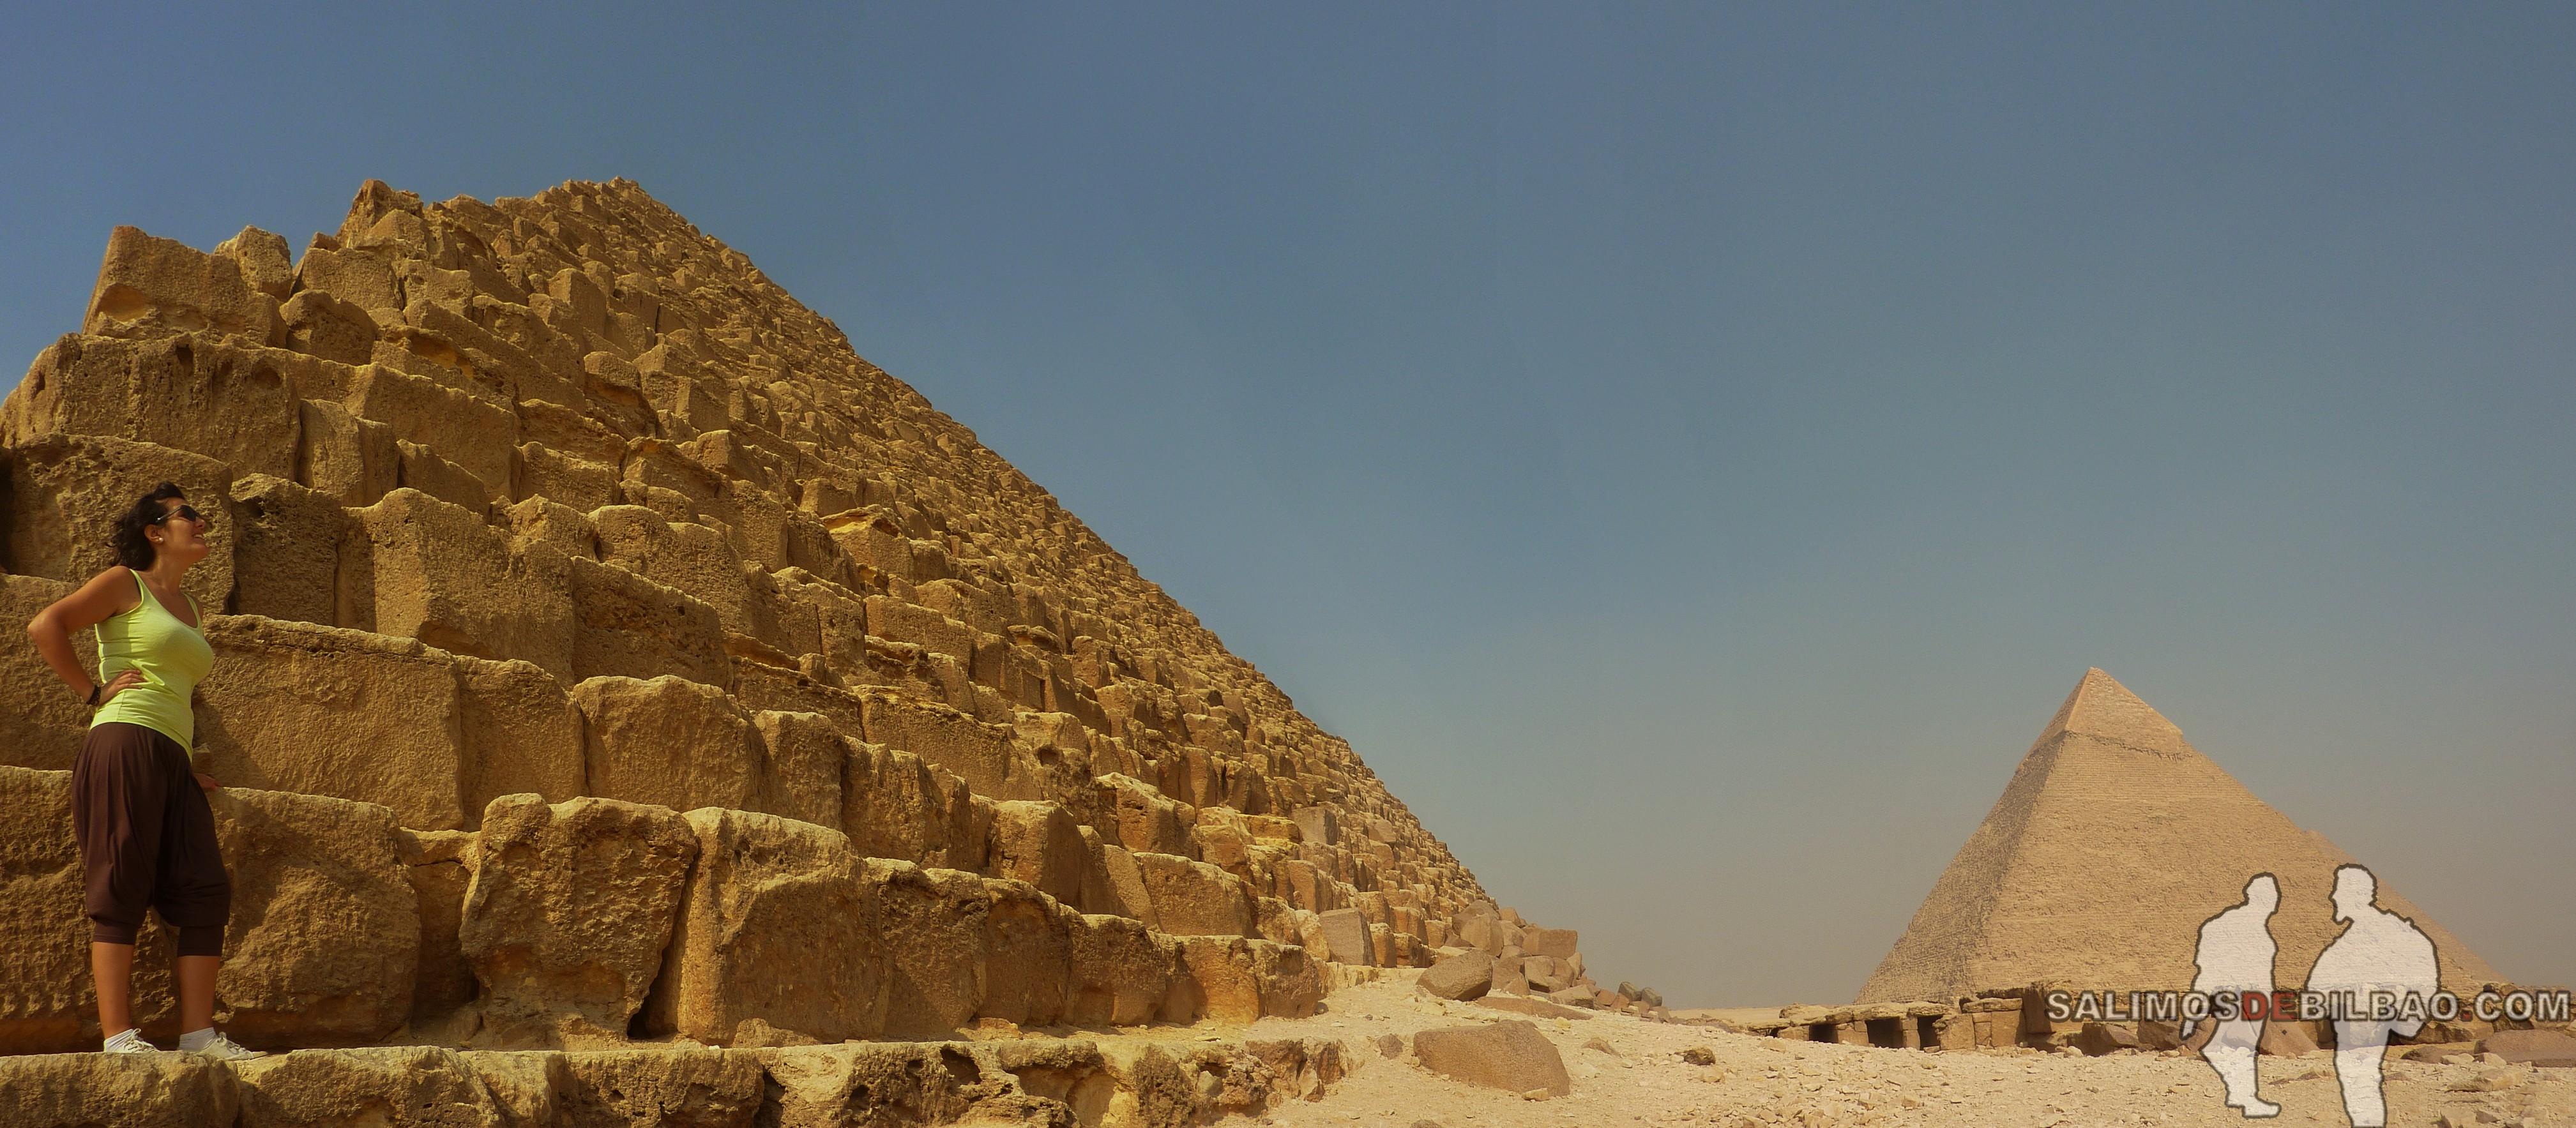 0110. Saioa, Pano, Pirámides de Micerinos y Kefren